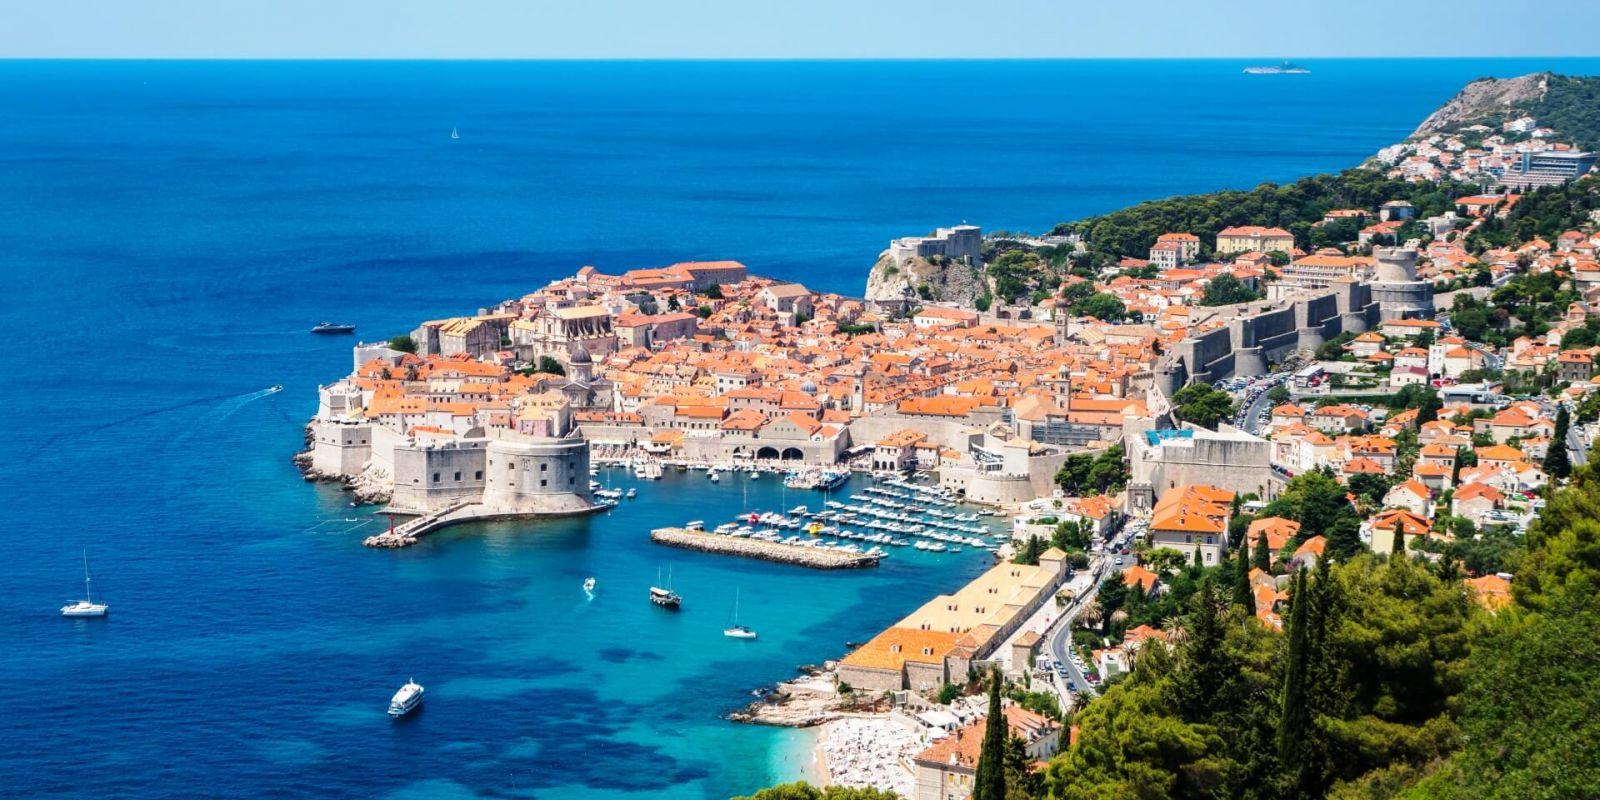 https://www.talamare.fr/medias/Location yacht Croatie, louer un yacht en Croatie